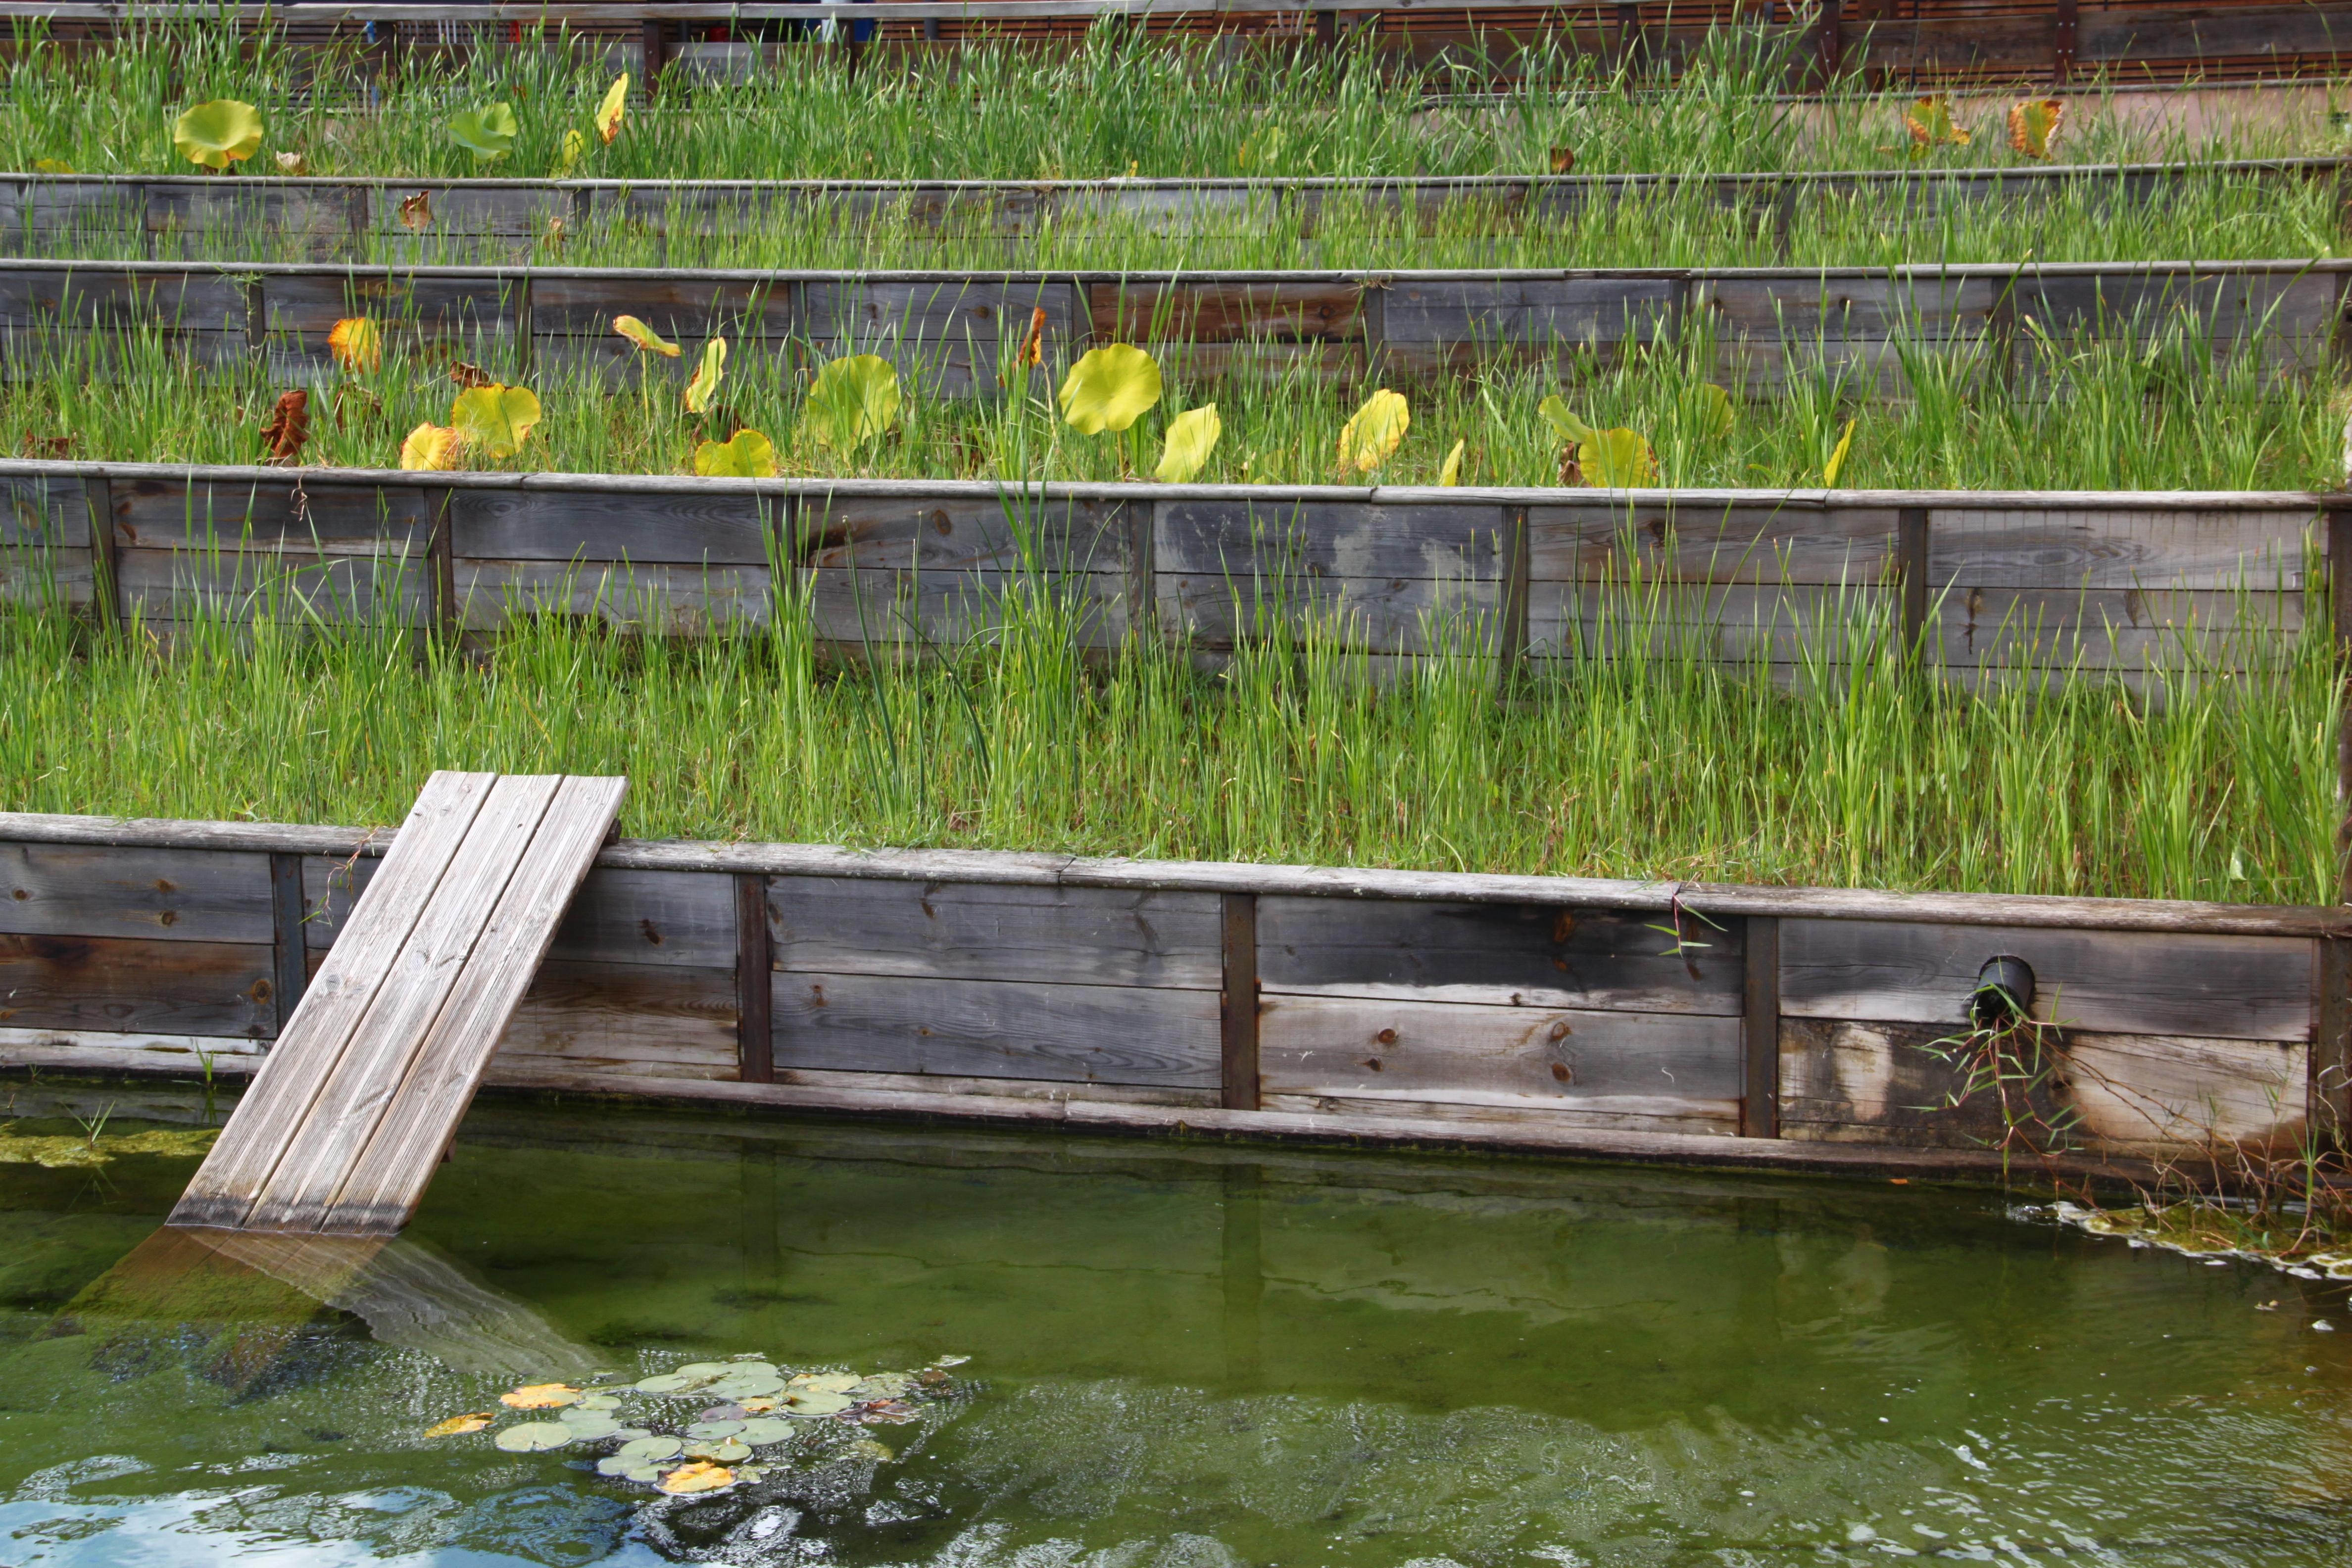 Fichier eau tag e jardins du mus um toulouse jpg wikip dia - Les jardins du museum toulouse ...